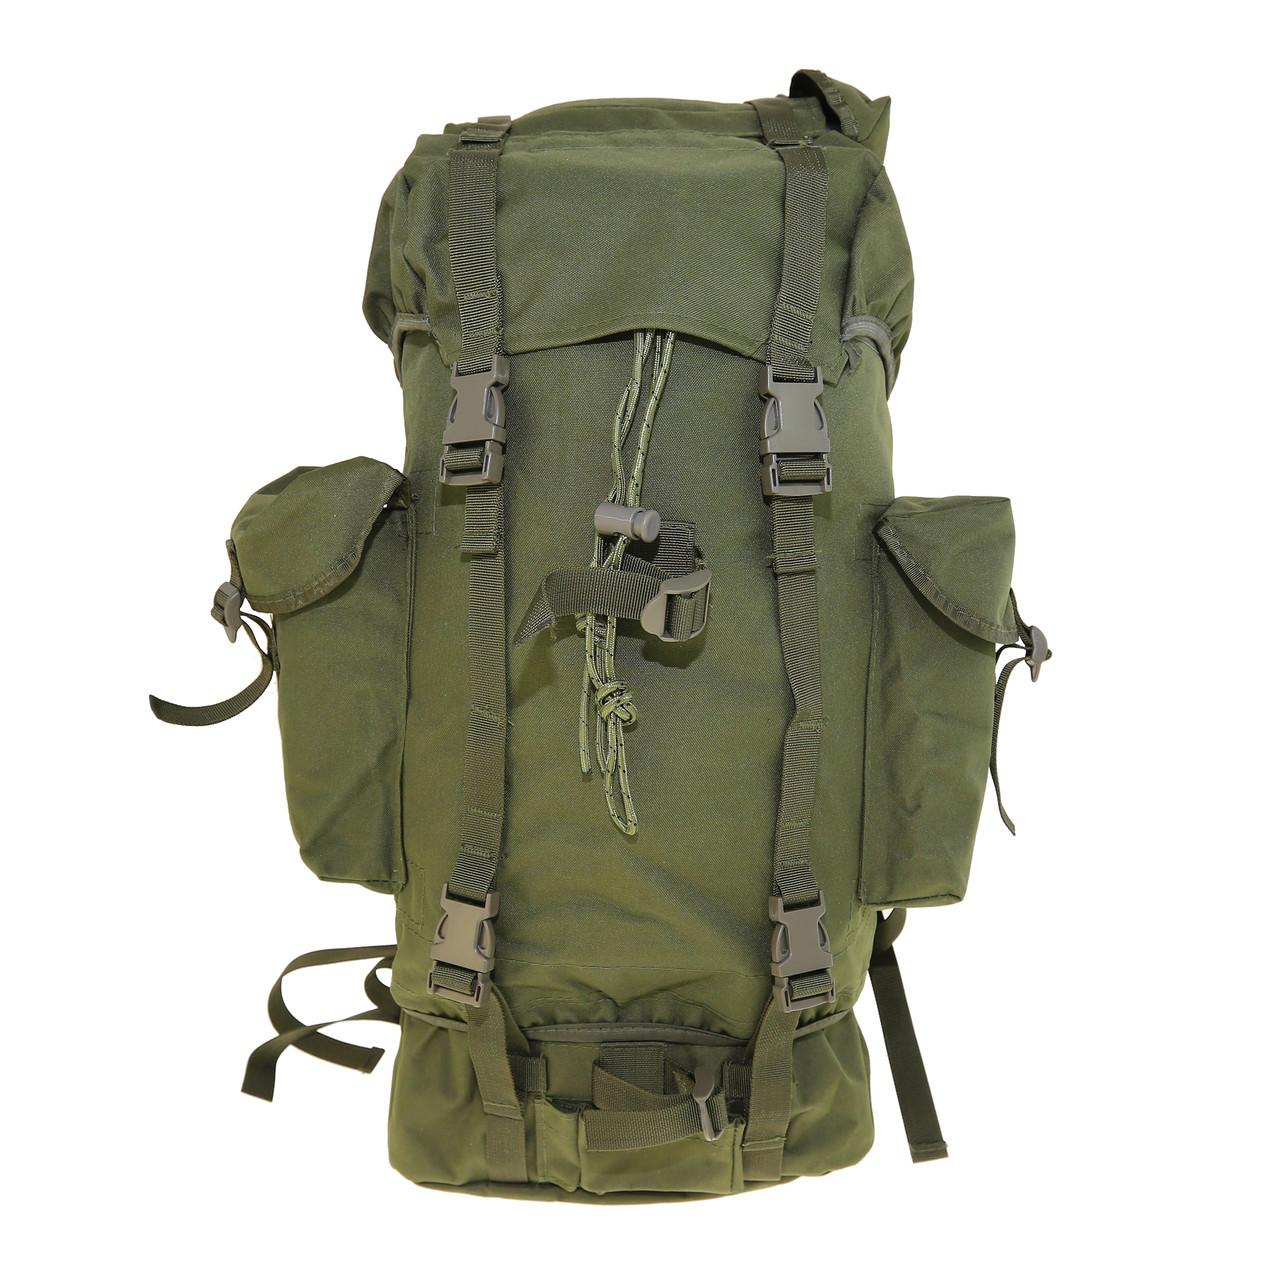 Рюкзак военный тактический оливковый Max Fuchs Combat , 65 литров